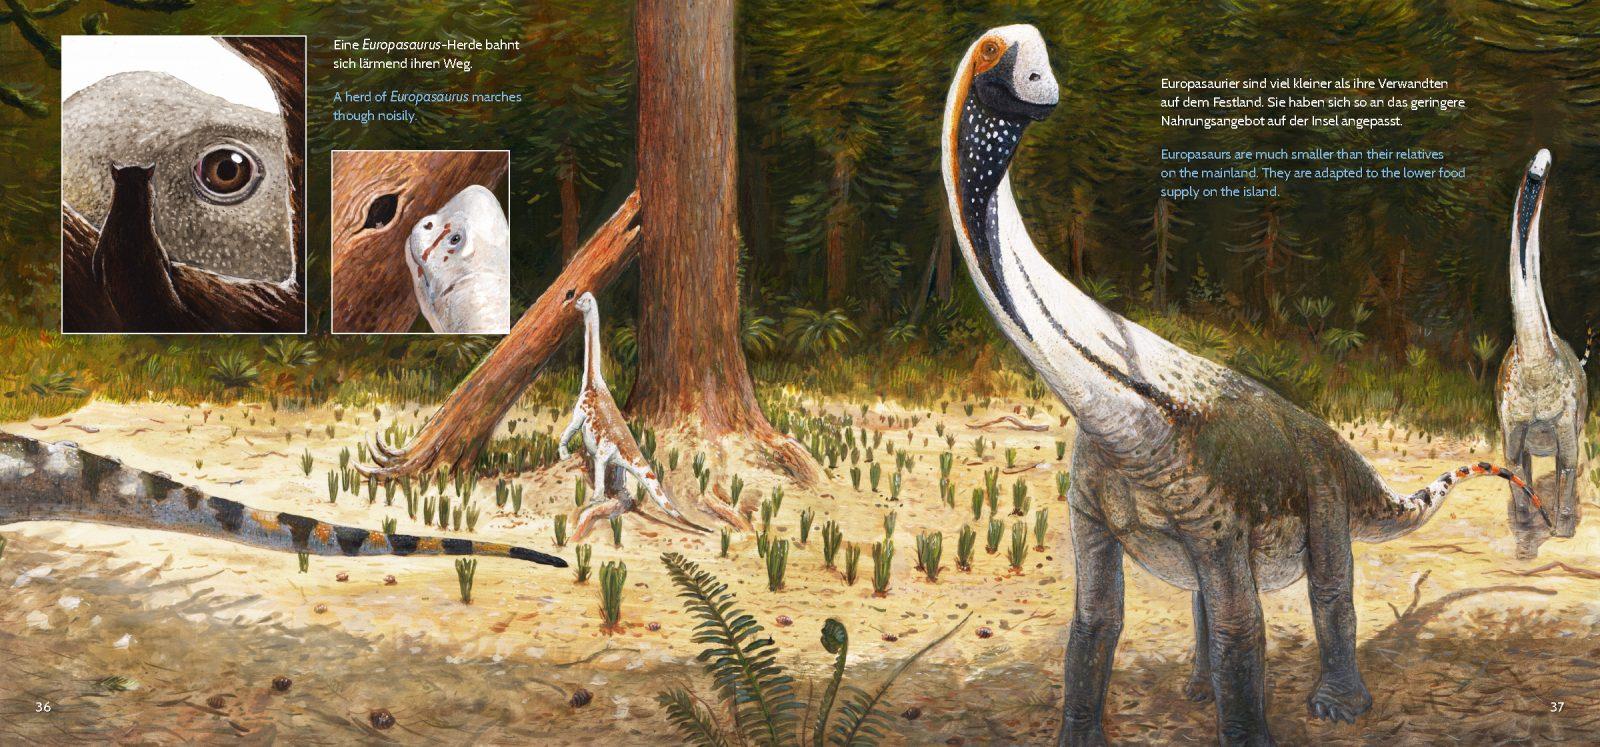 Scene from Europasaurus